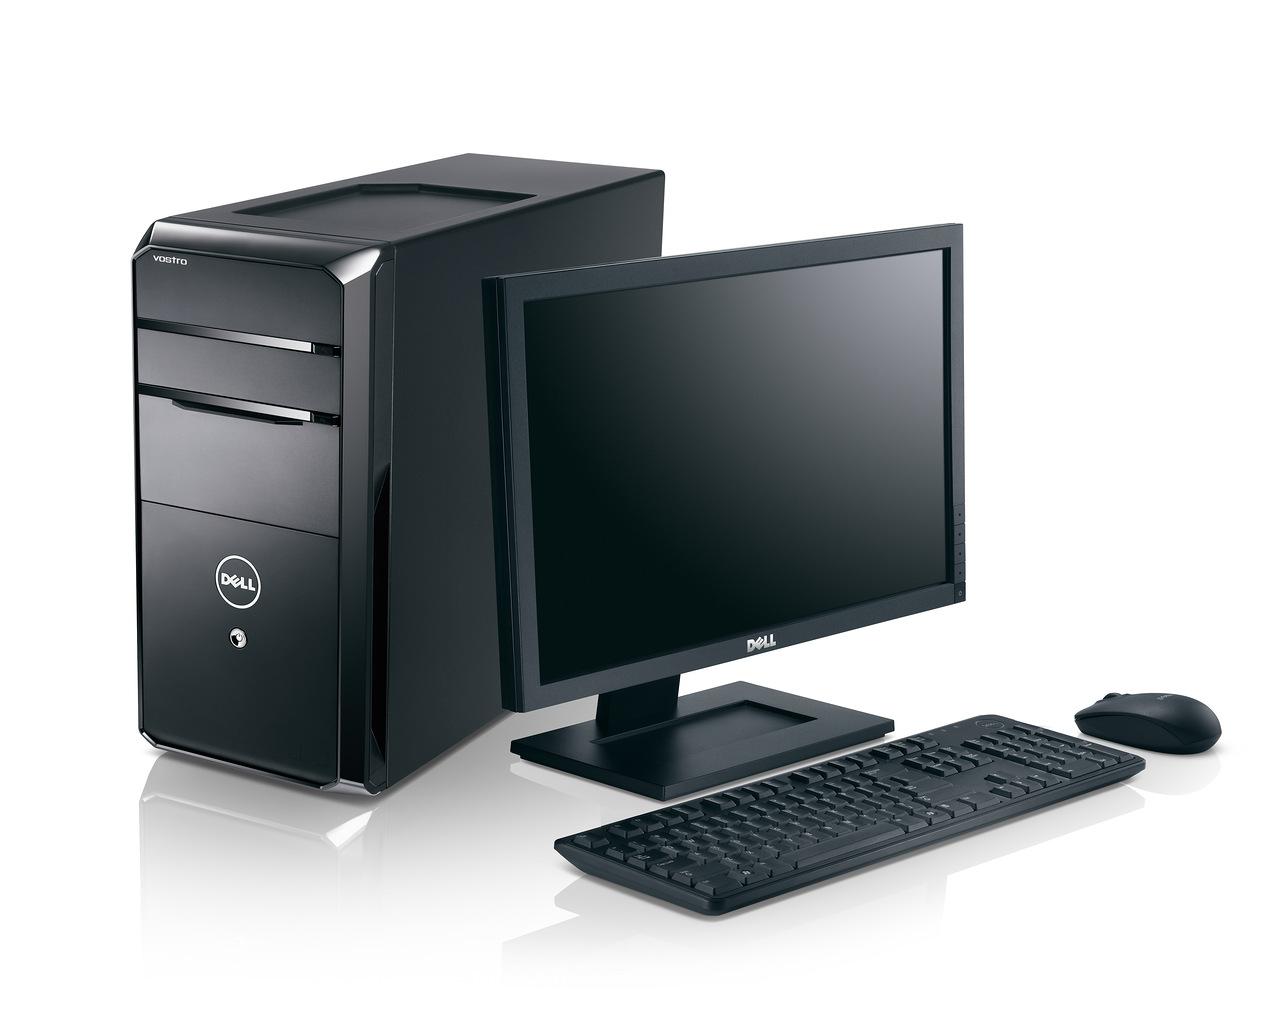 Компьютер vostro 470 доступен российским